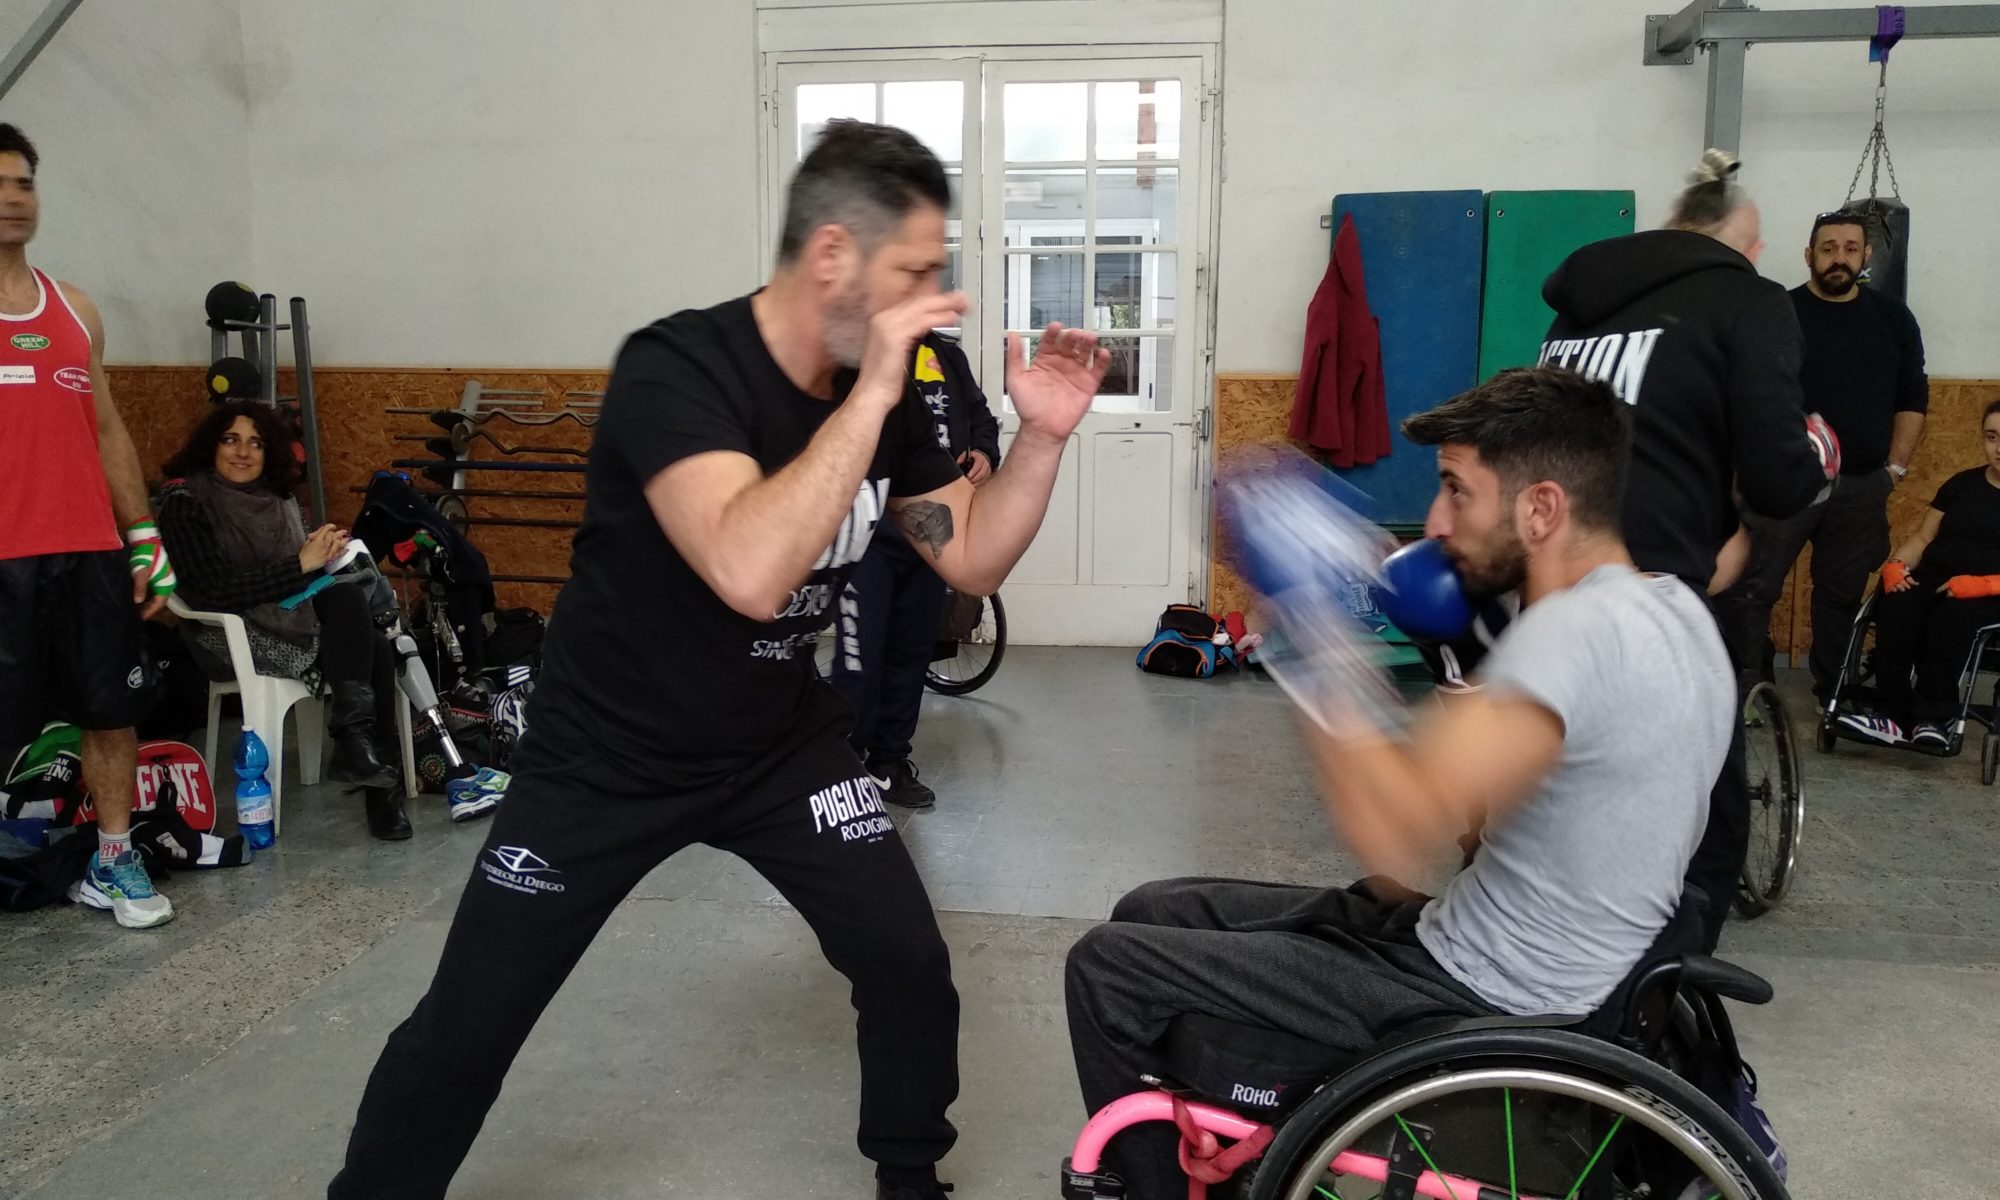 Il maestro Castellacci della Pugilistica Rodigina con un atleta per la promozione della boxe paralimpica